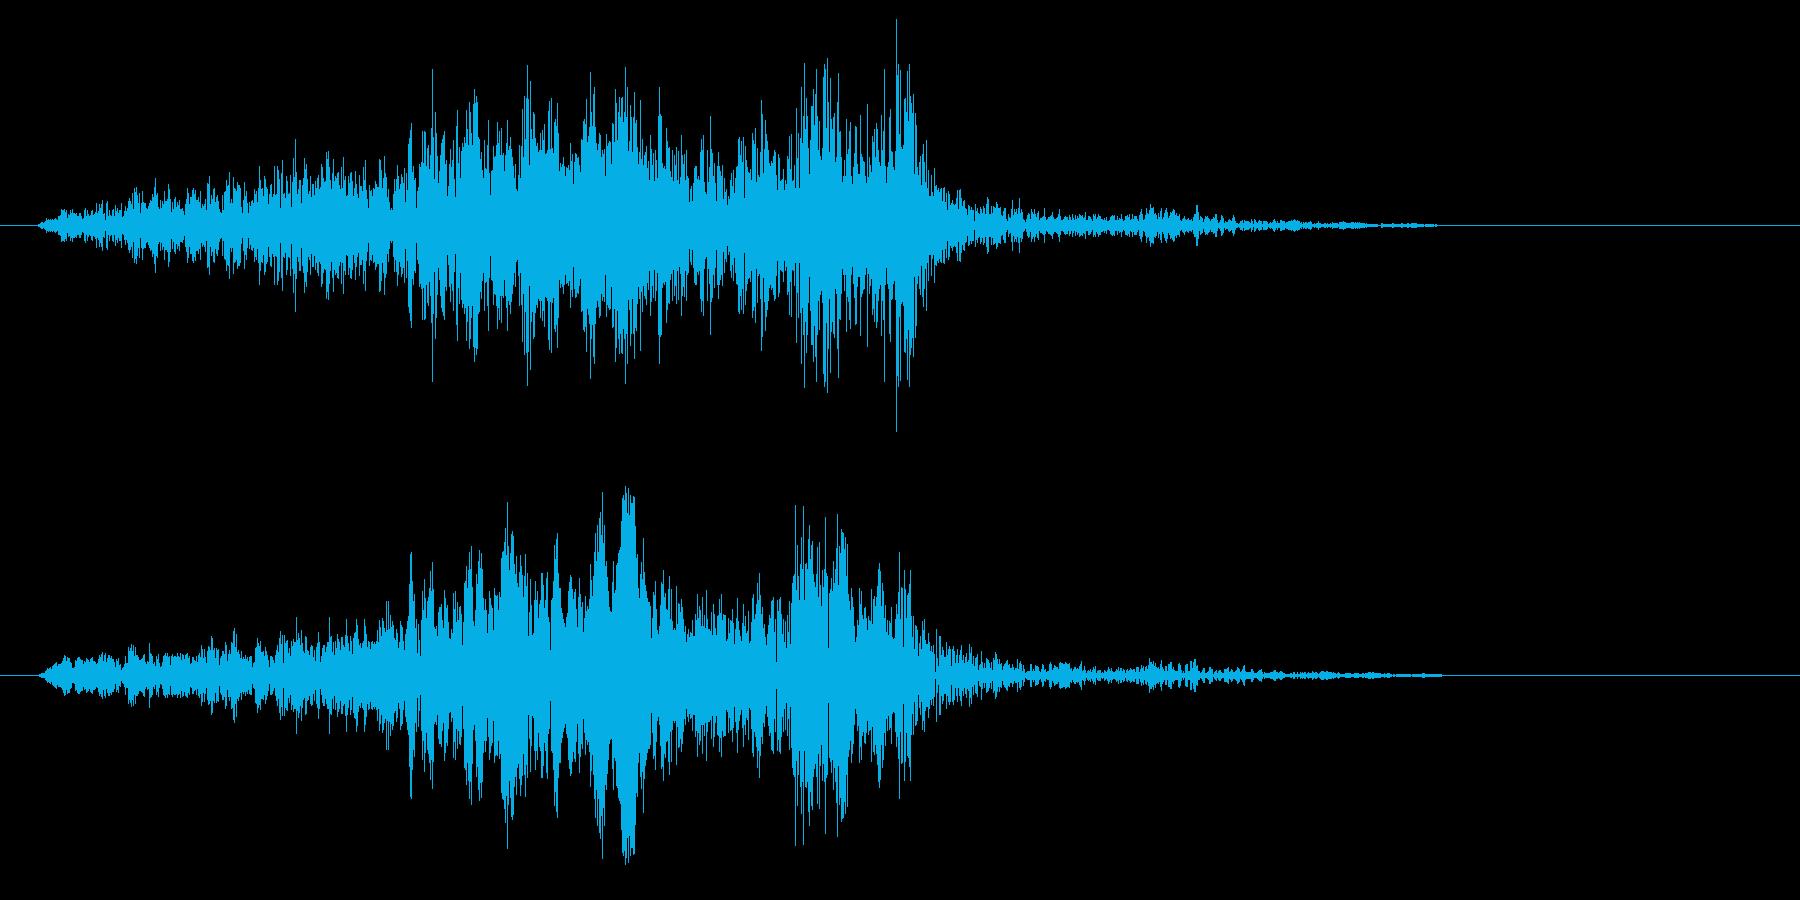 シャキーン(固い物の摩擦音)の再生済みの波形